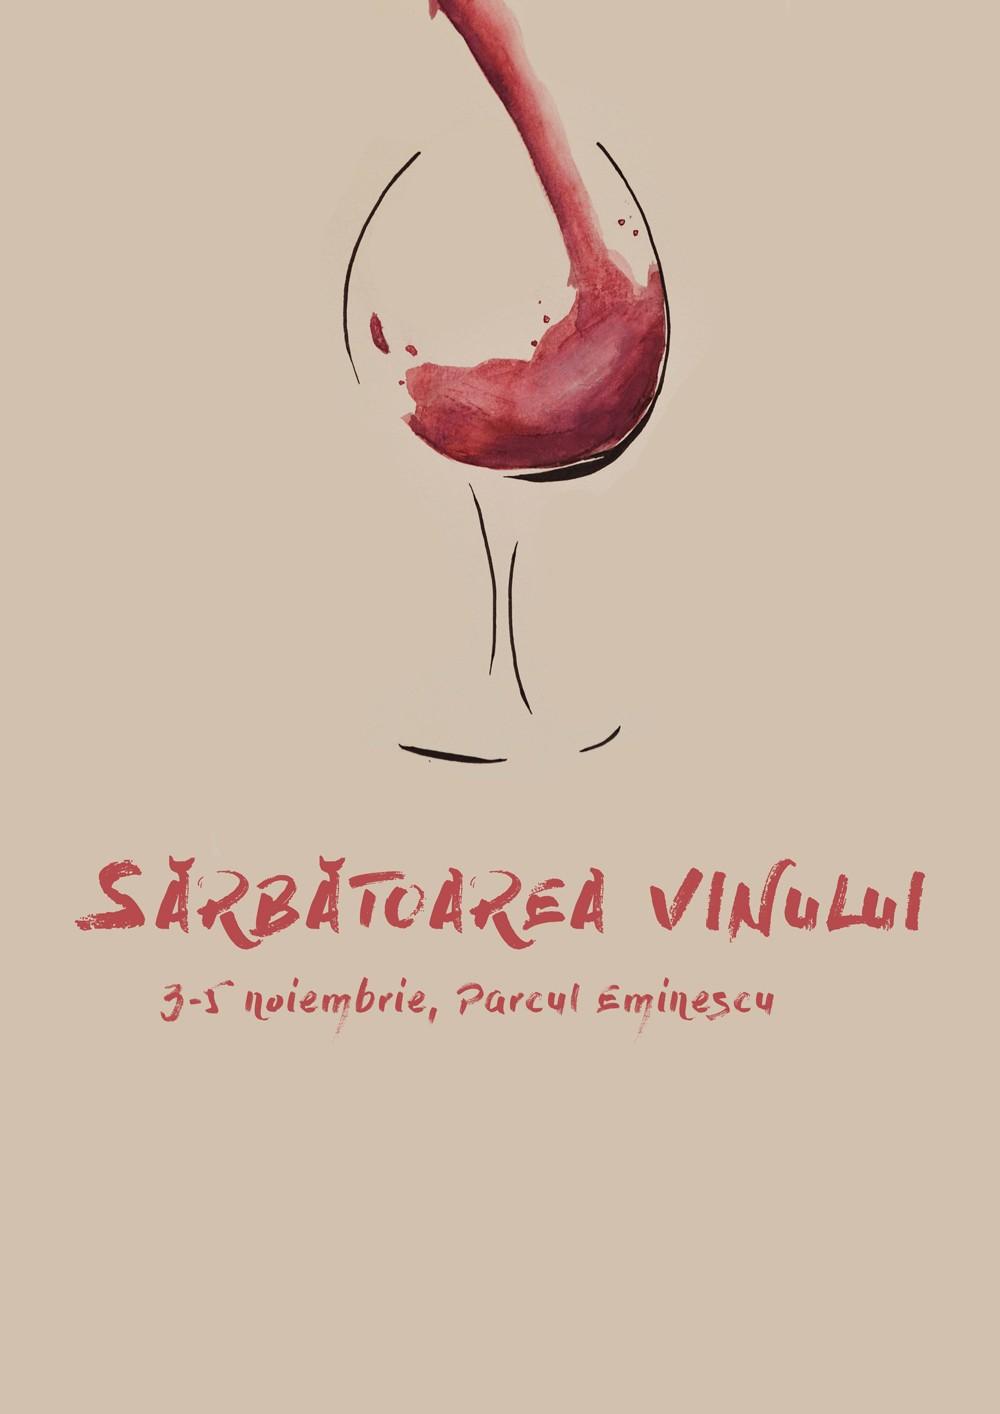 Festivalul vinului 2017